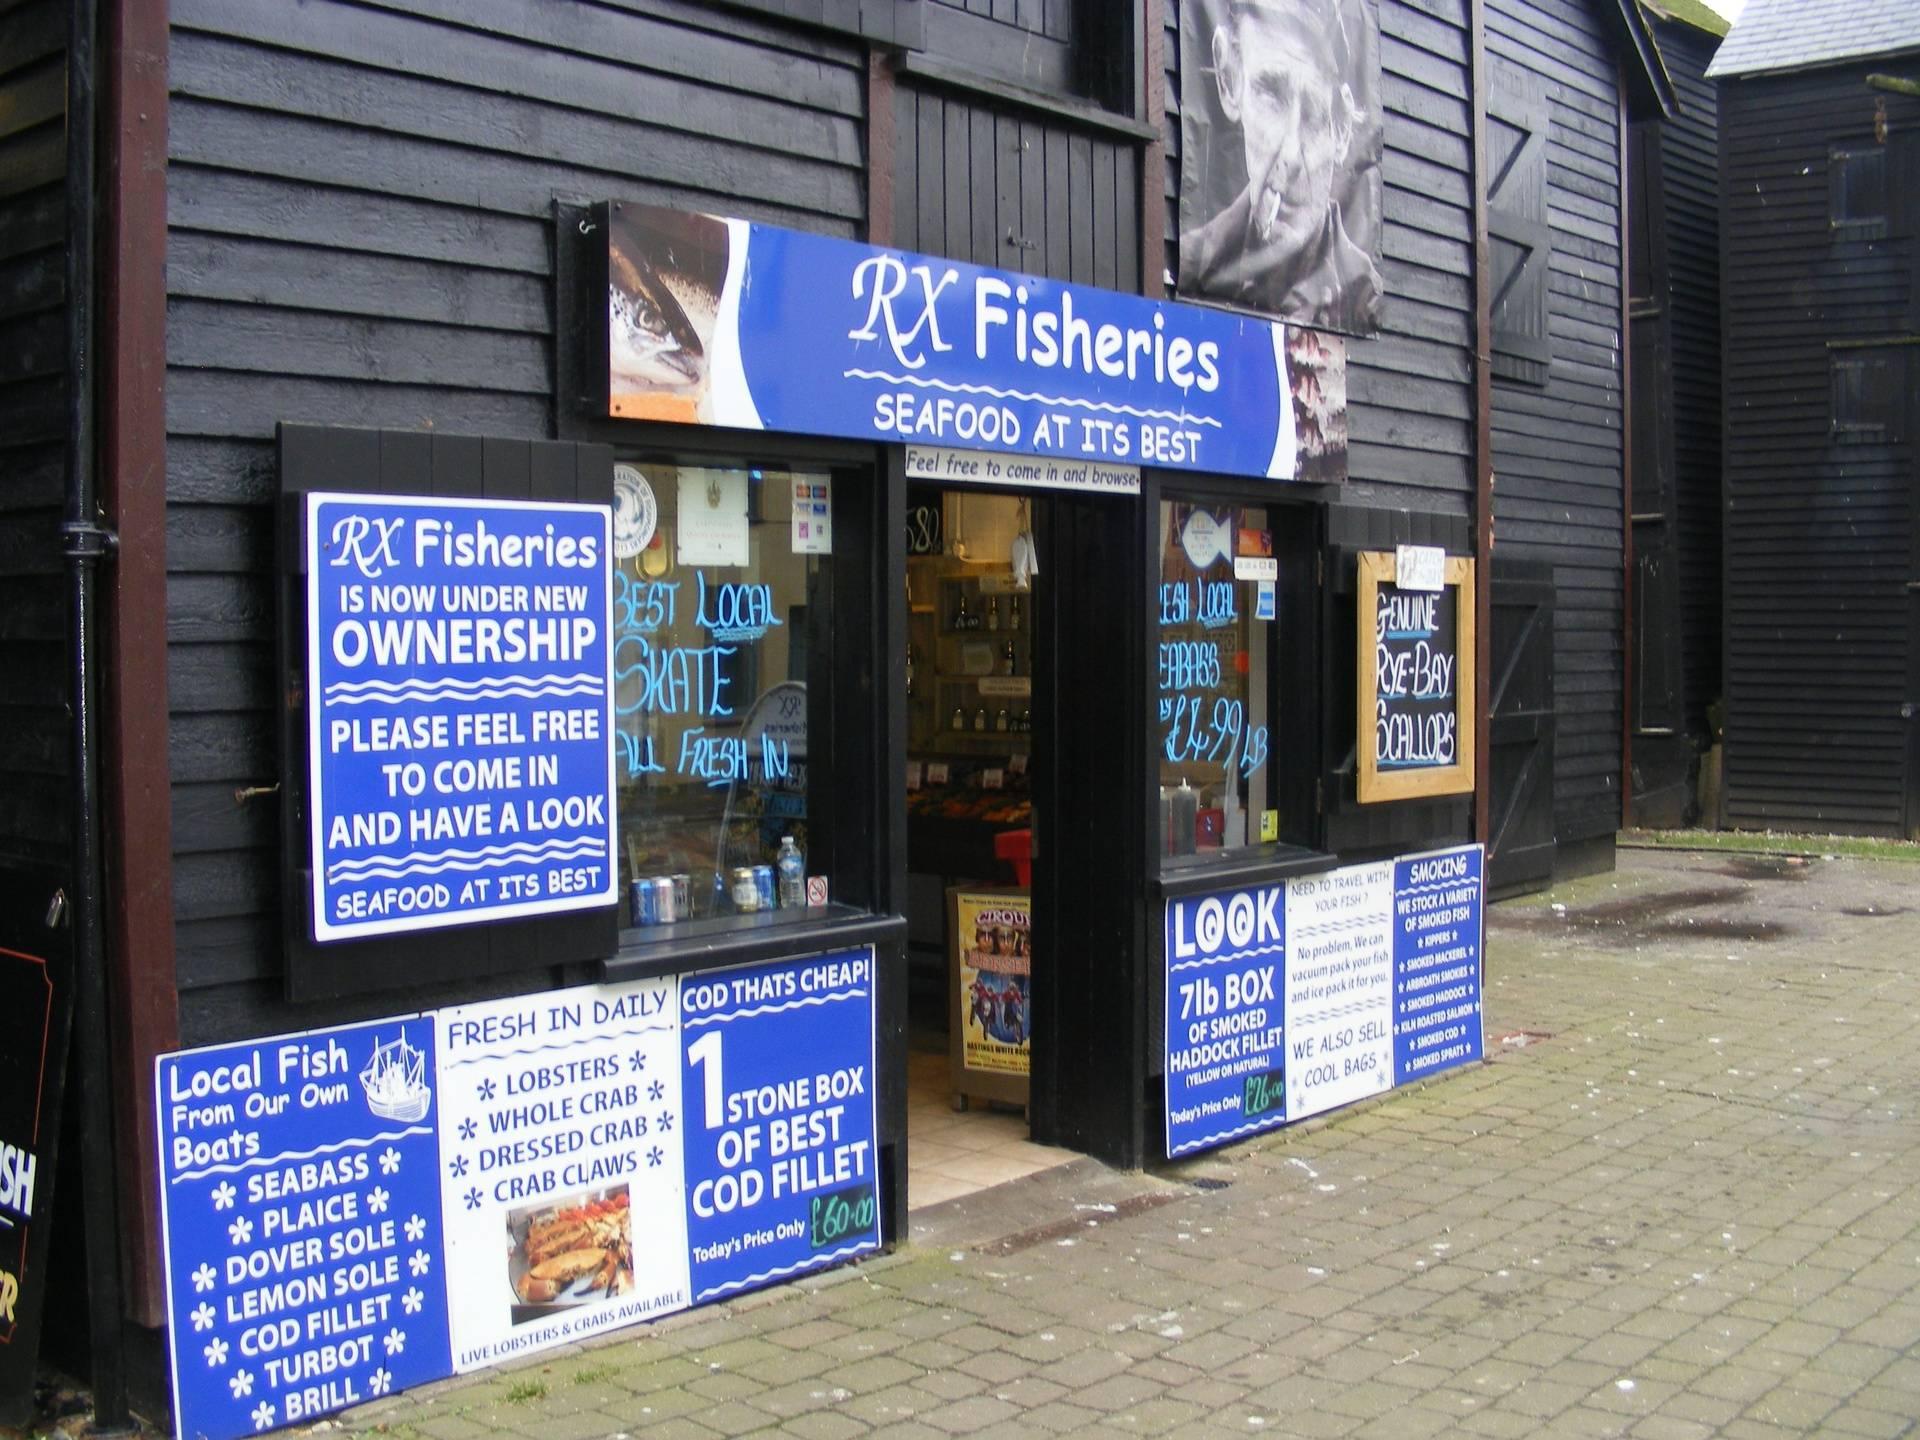 the shop again